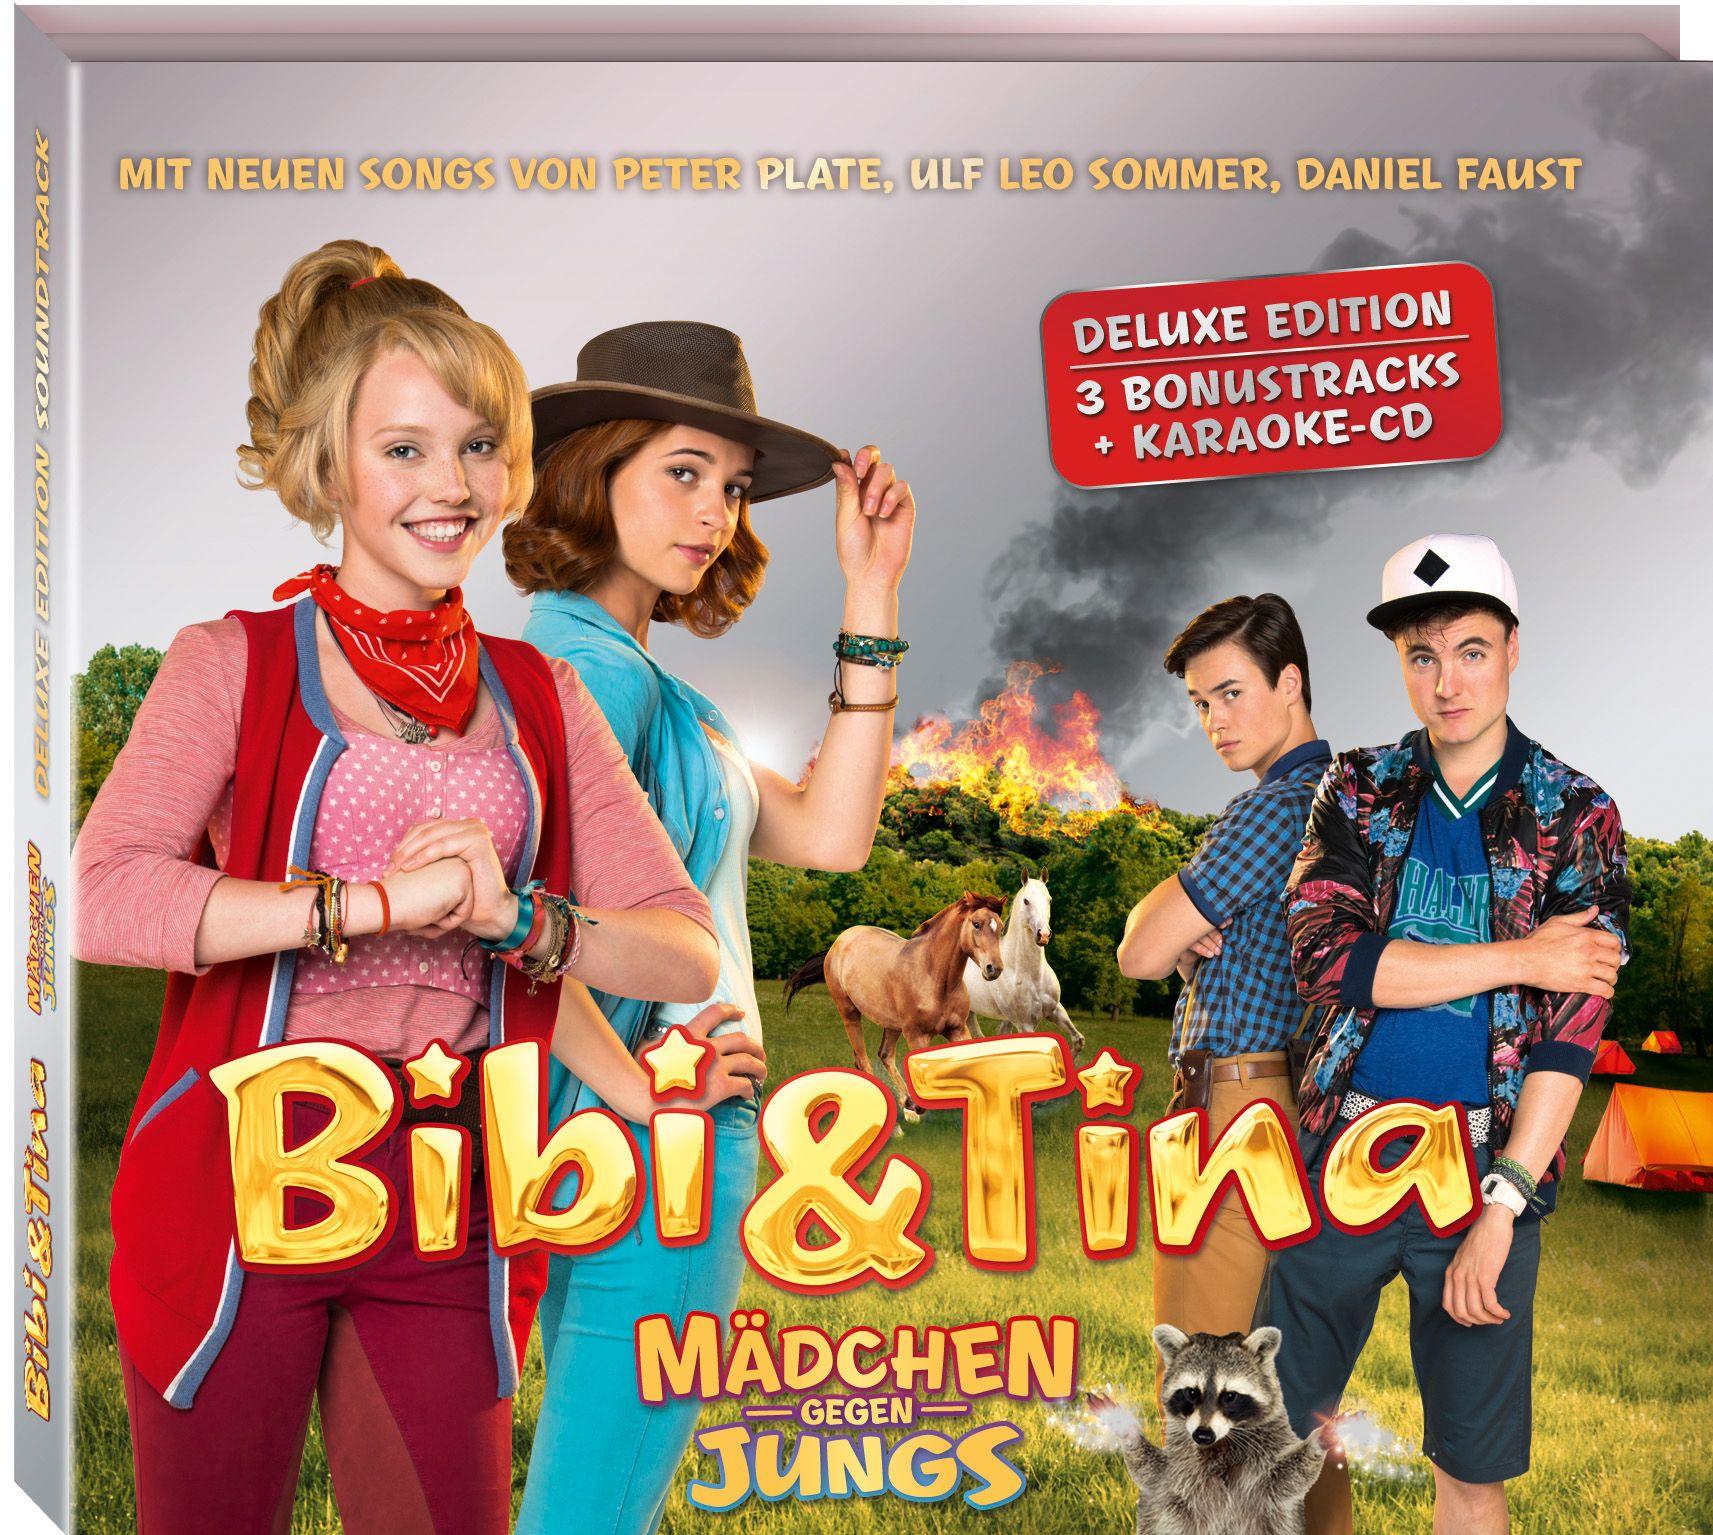 Bibi & Tina: Mädchen gegen Jungs - Der Original...